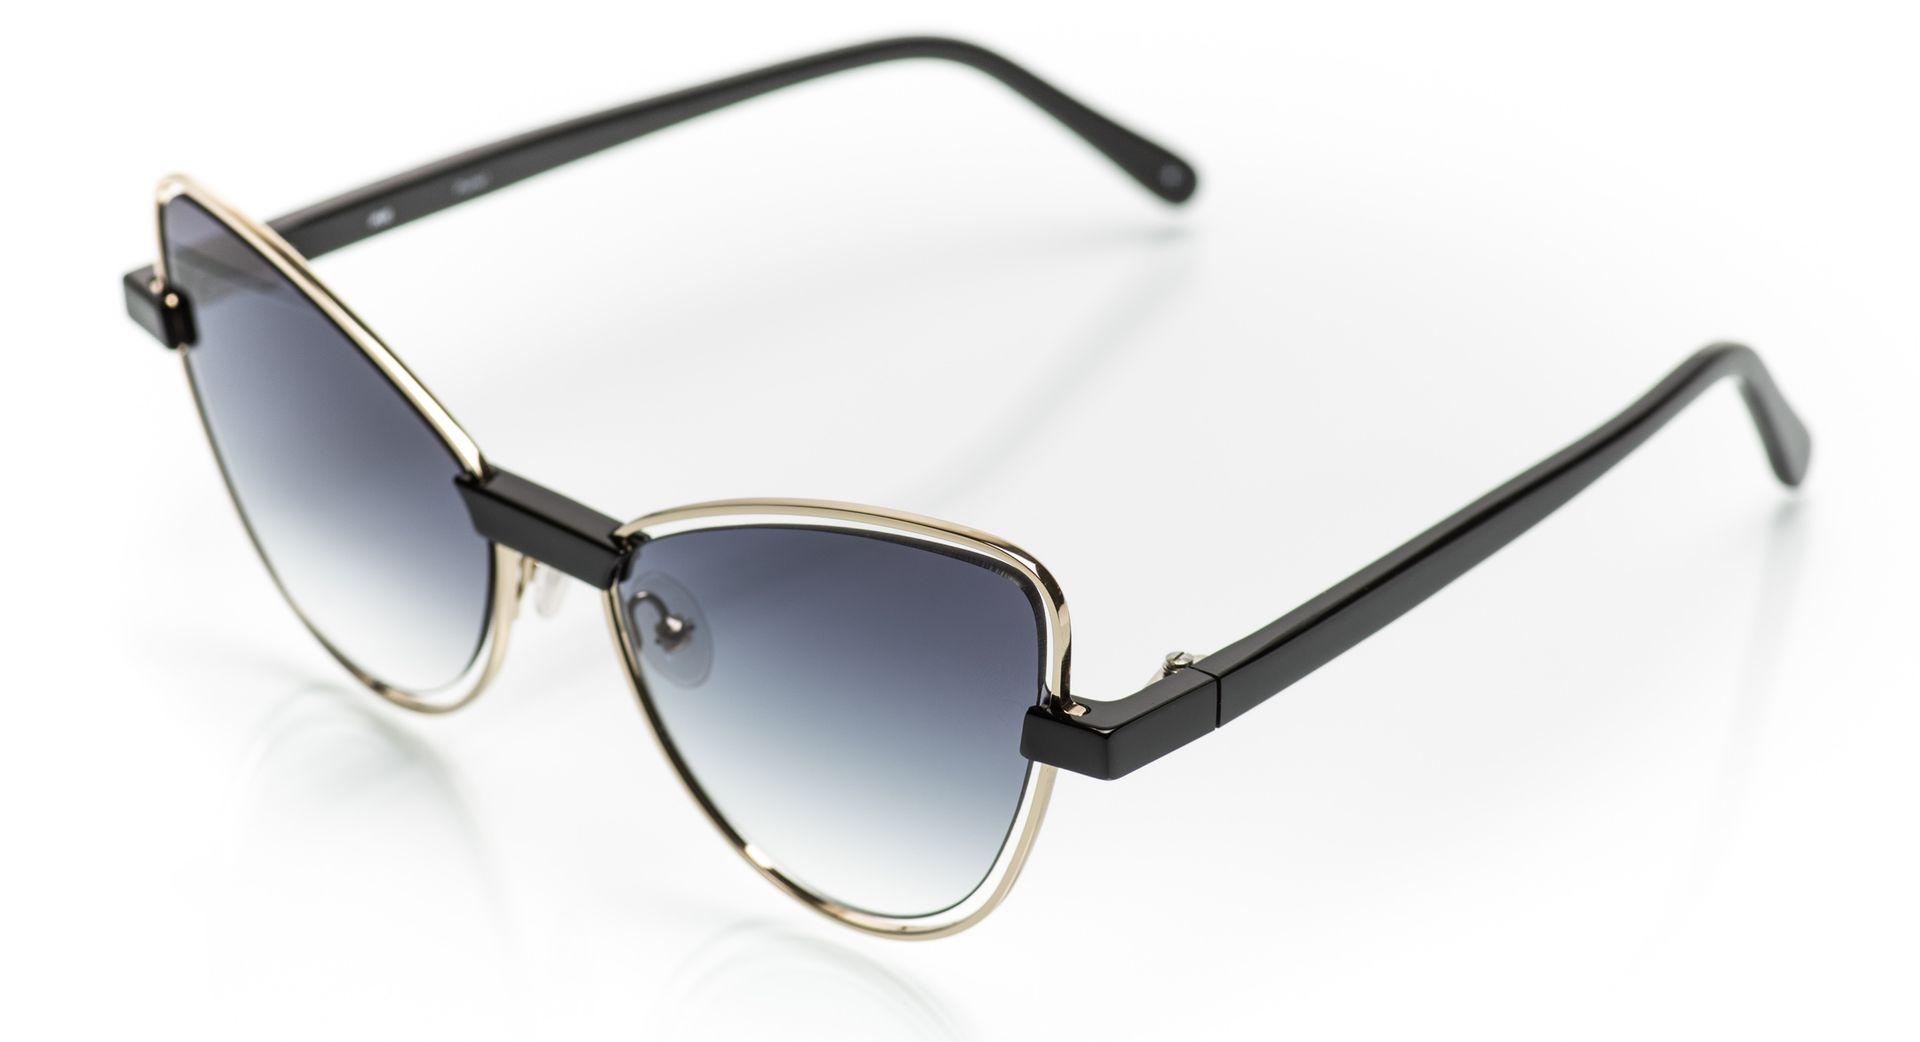 dba6286e0a Modne okulary marki JPLUS - Studio optyczne 44